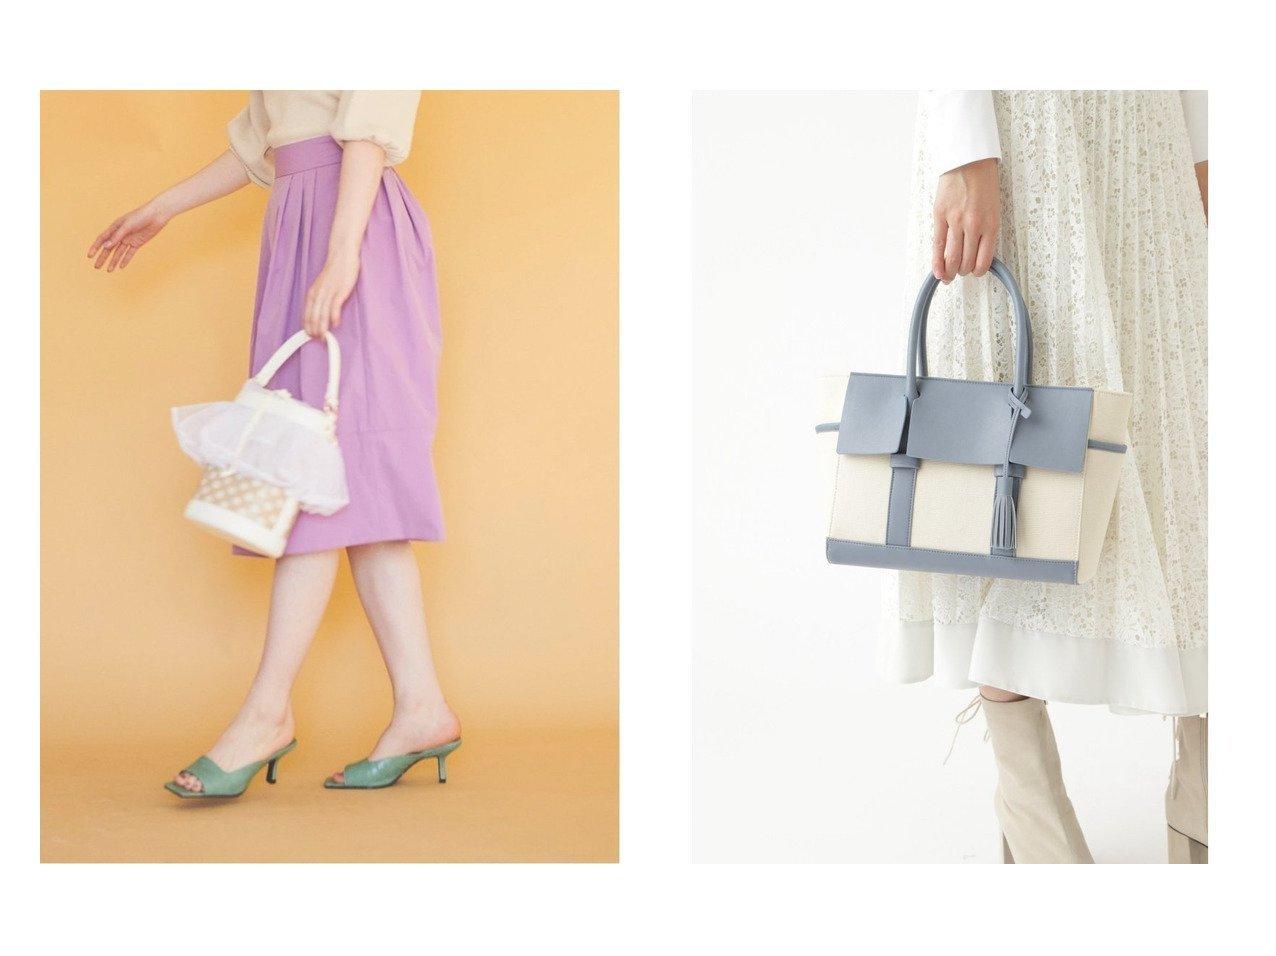 【31 Sons de mode/トランテアン ソン ドゥ モード】のシアーフリルパンチングバケツバッグ&【JILLSTUART/ジルスチュアート】のレオナトートバッグ バッグ・鞄のおすすめ!人気、トレンド・レディースファッションの通販  おすすめで人気の流行・トレンド、ファッションの通販商品 メンズファッション・キッズファッション・インテリア・家具・レディースファッション・服の通販 founy(ファニー) https://founy.com/ ファッション Fashion レディースファッション WOMEN バッグ Bag 2021年 2021 2021 春夏 S/S SS Spring/Summer 2021 S/S 春夏 SS Spring/Summer オーガンジー ショルダー バケツ フリル 巾着 フラップ フロント ポケット マグネット |ID:crp329100000009919